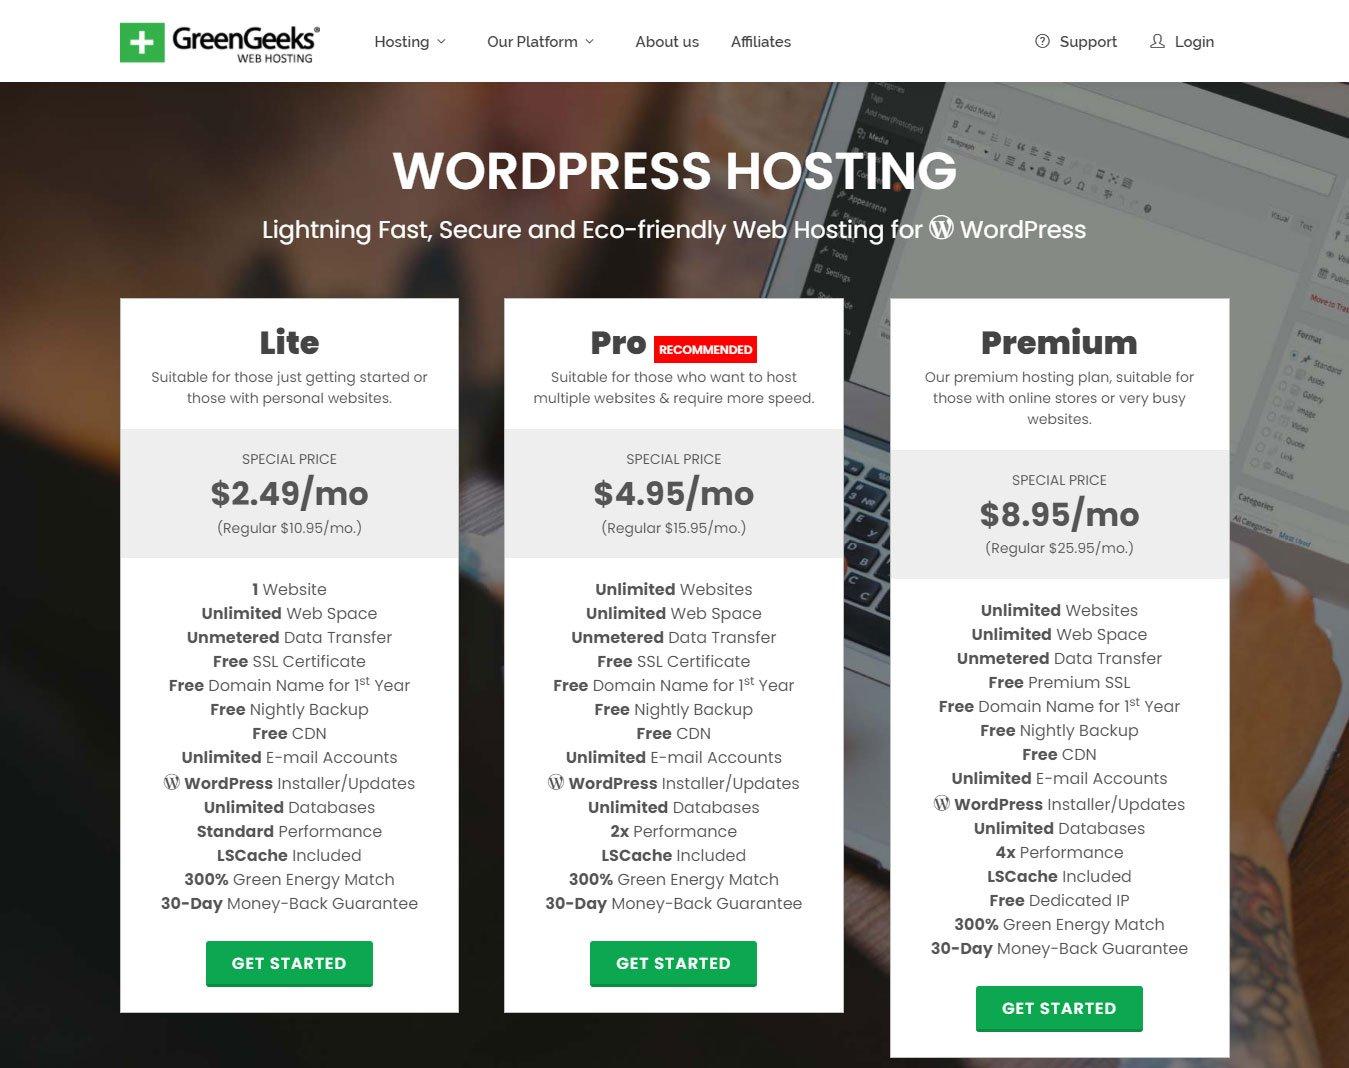 greengeeks wordpress hosting review